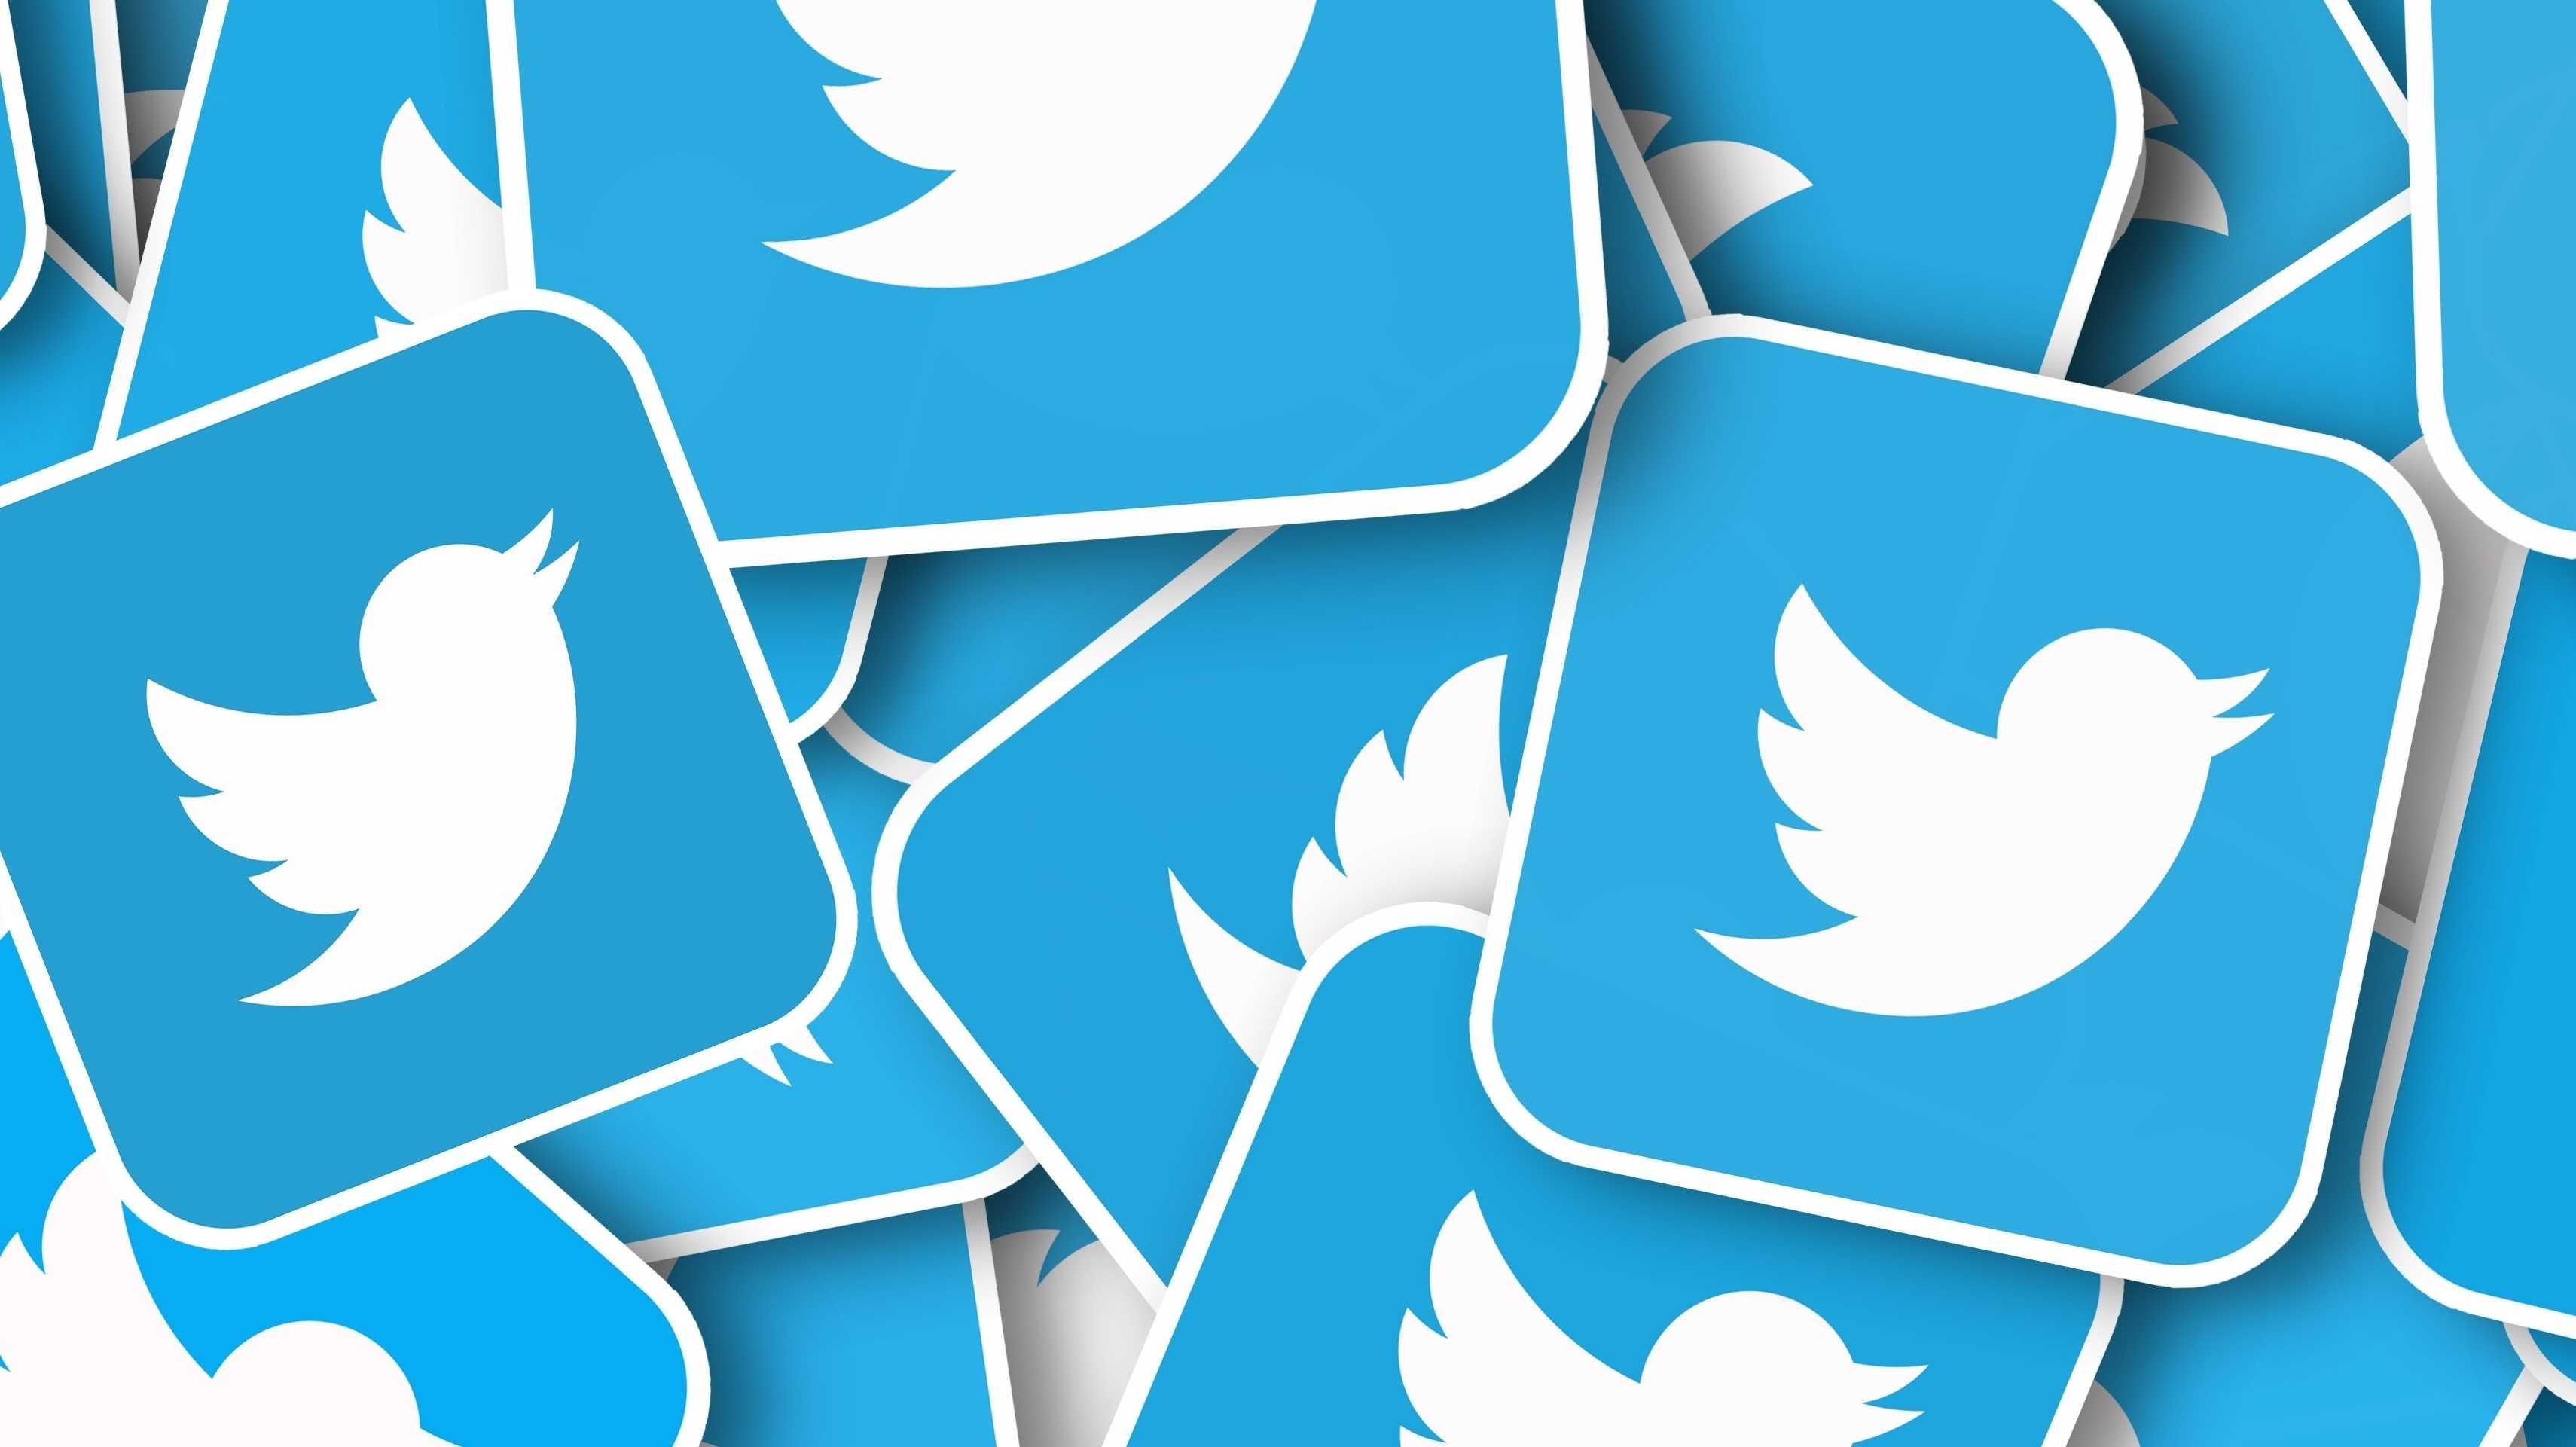 Landgericht München untersagt Löschung satirischen Tweets